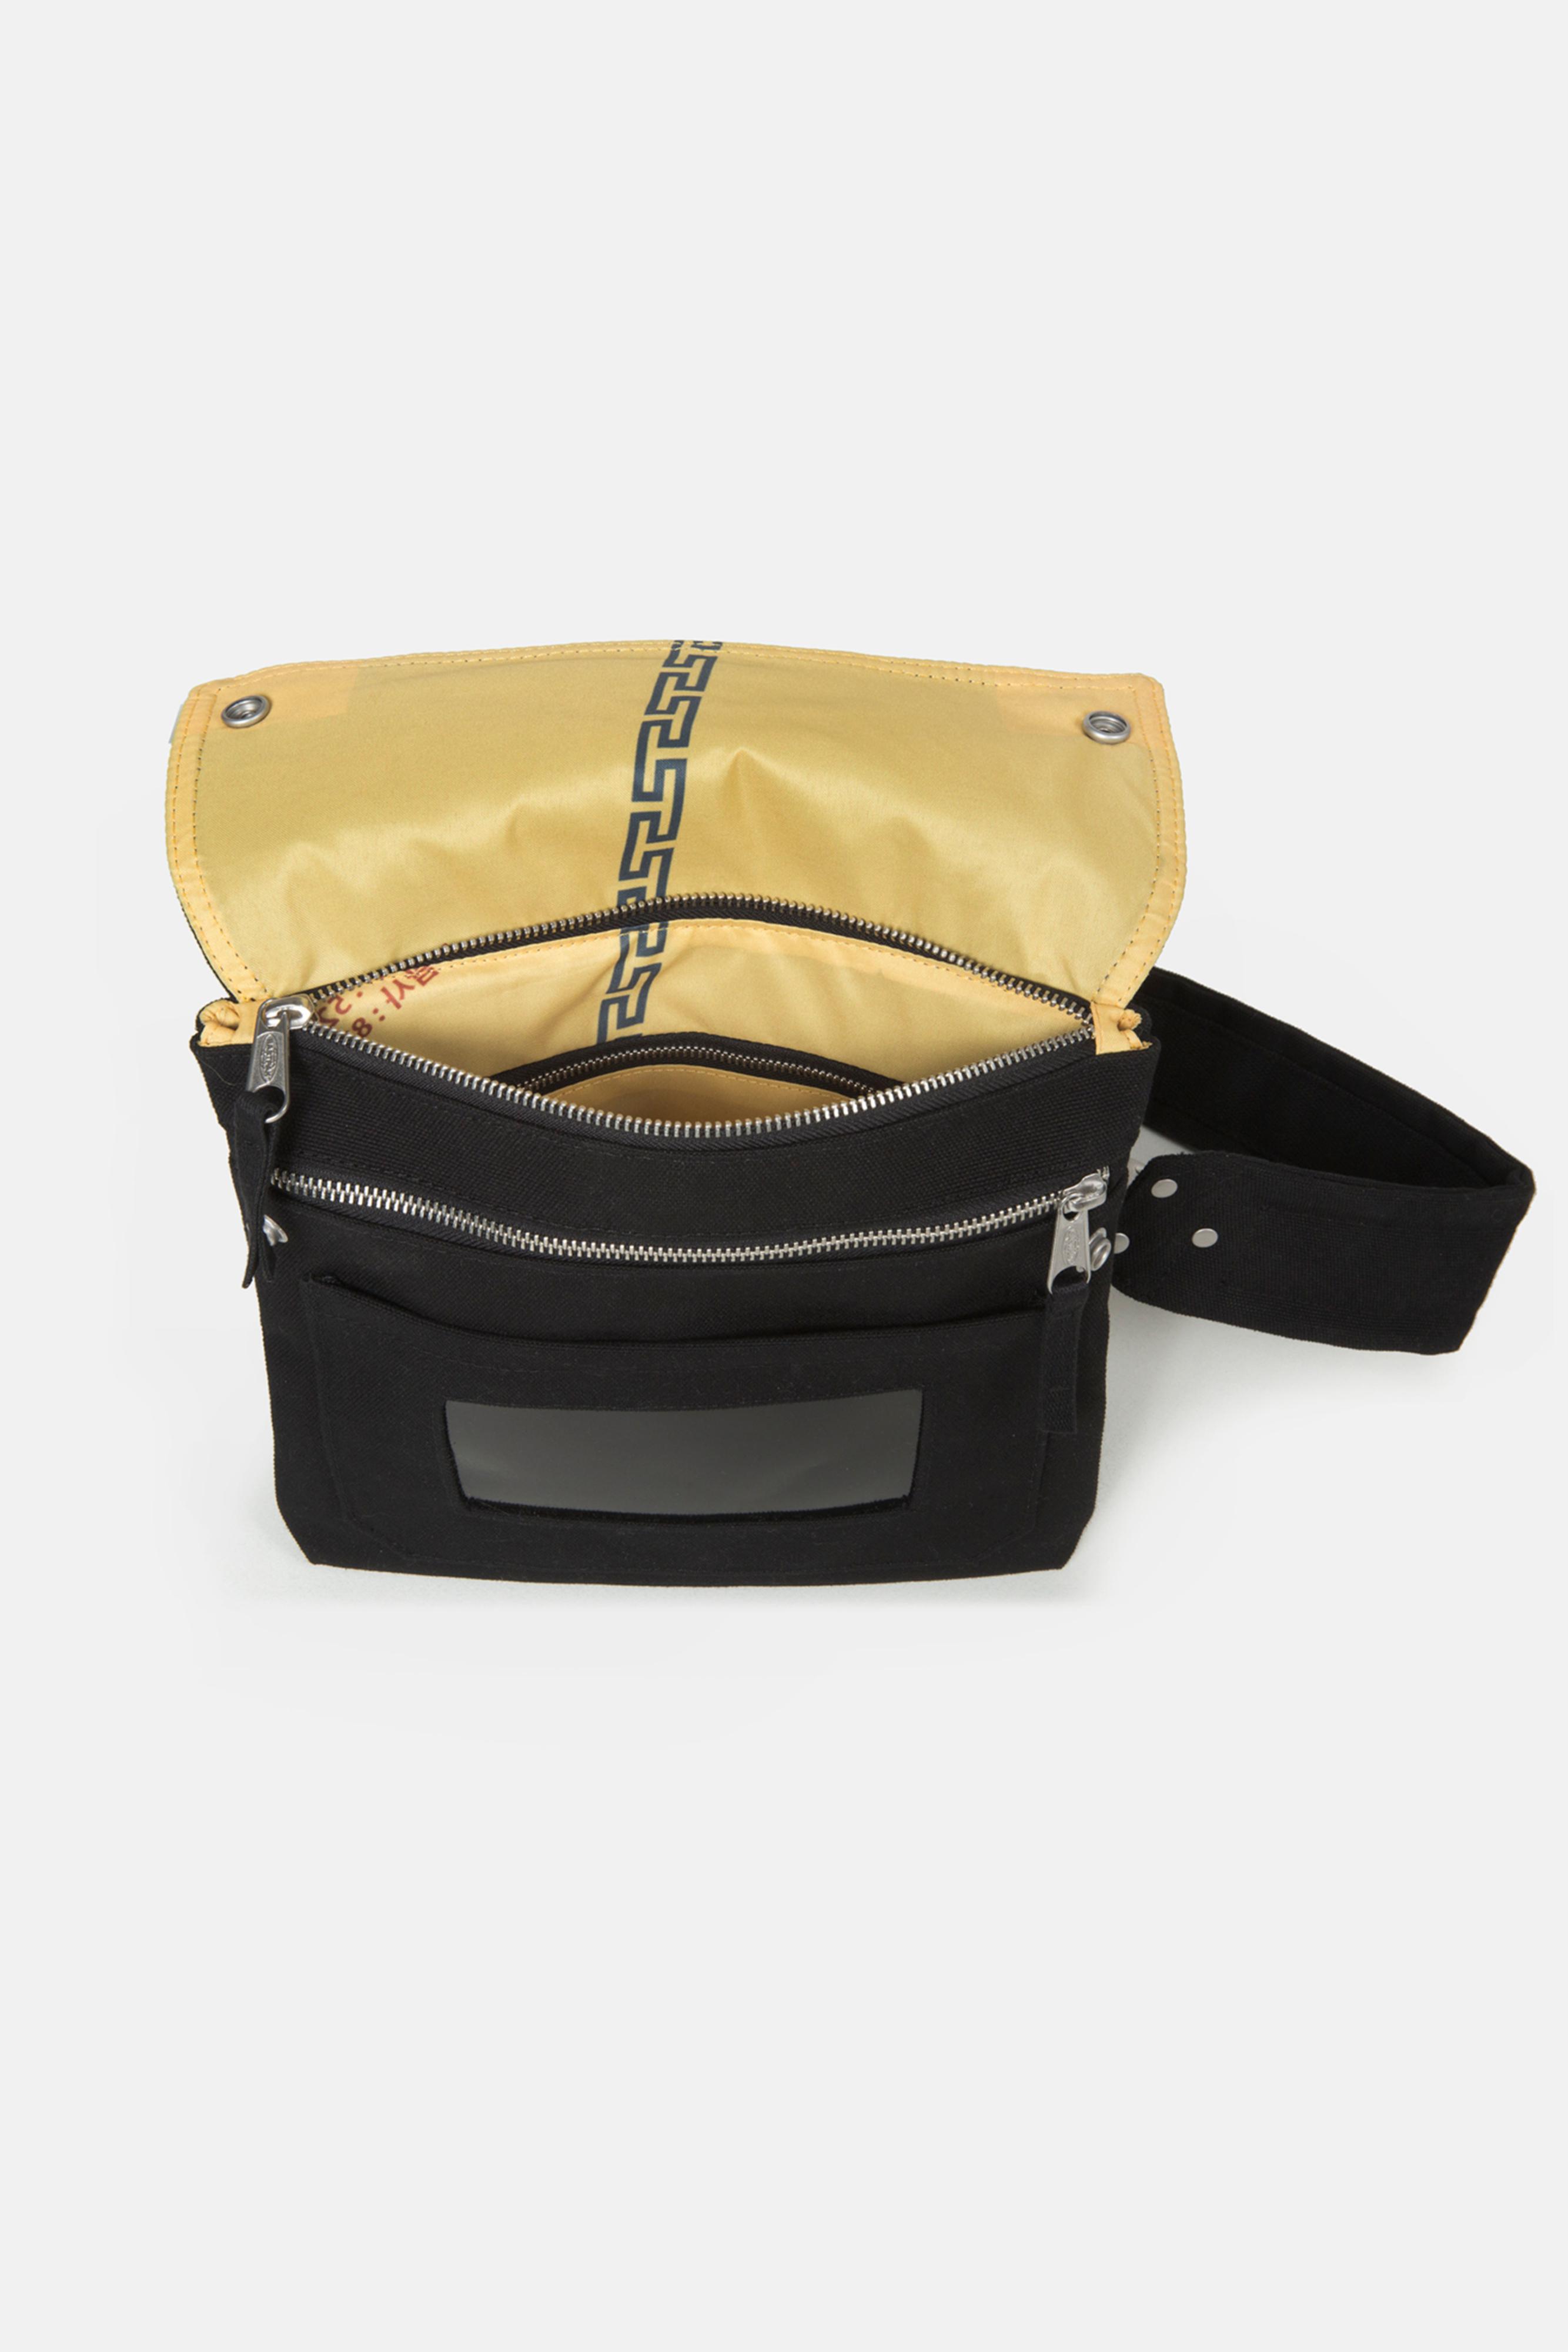 Eastpak Canvas Black Crossover Shoulder Bag